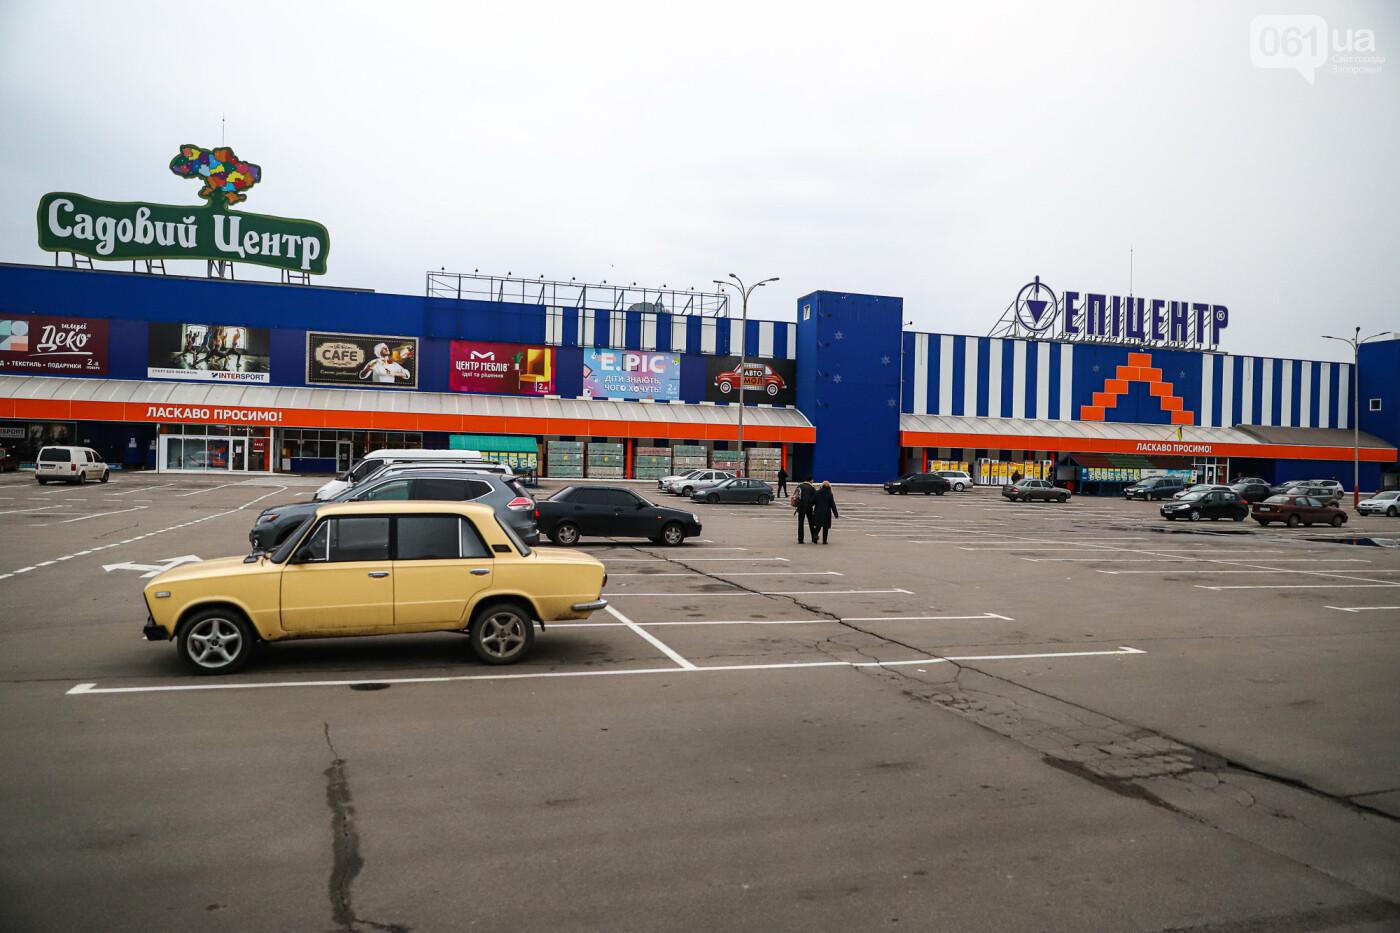 Защитные ленты на товарах, неработающие ТРЦ и полузакрытые рынки – фоторепортаж о первом дне локдауна в Запорожье, фото-34